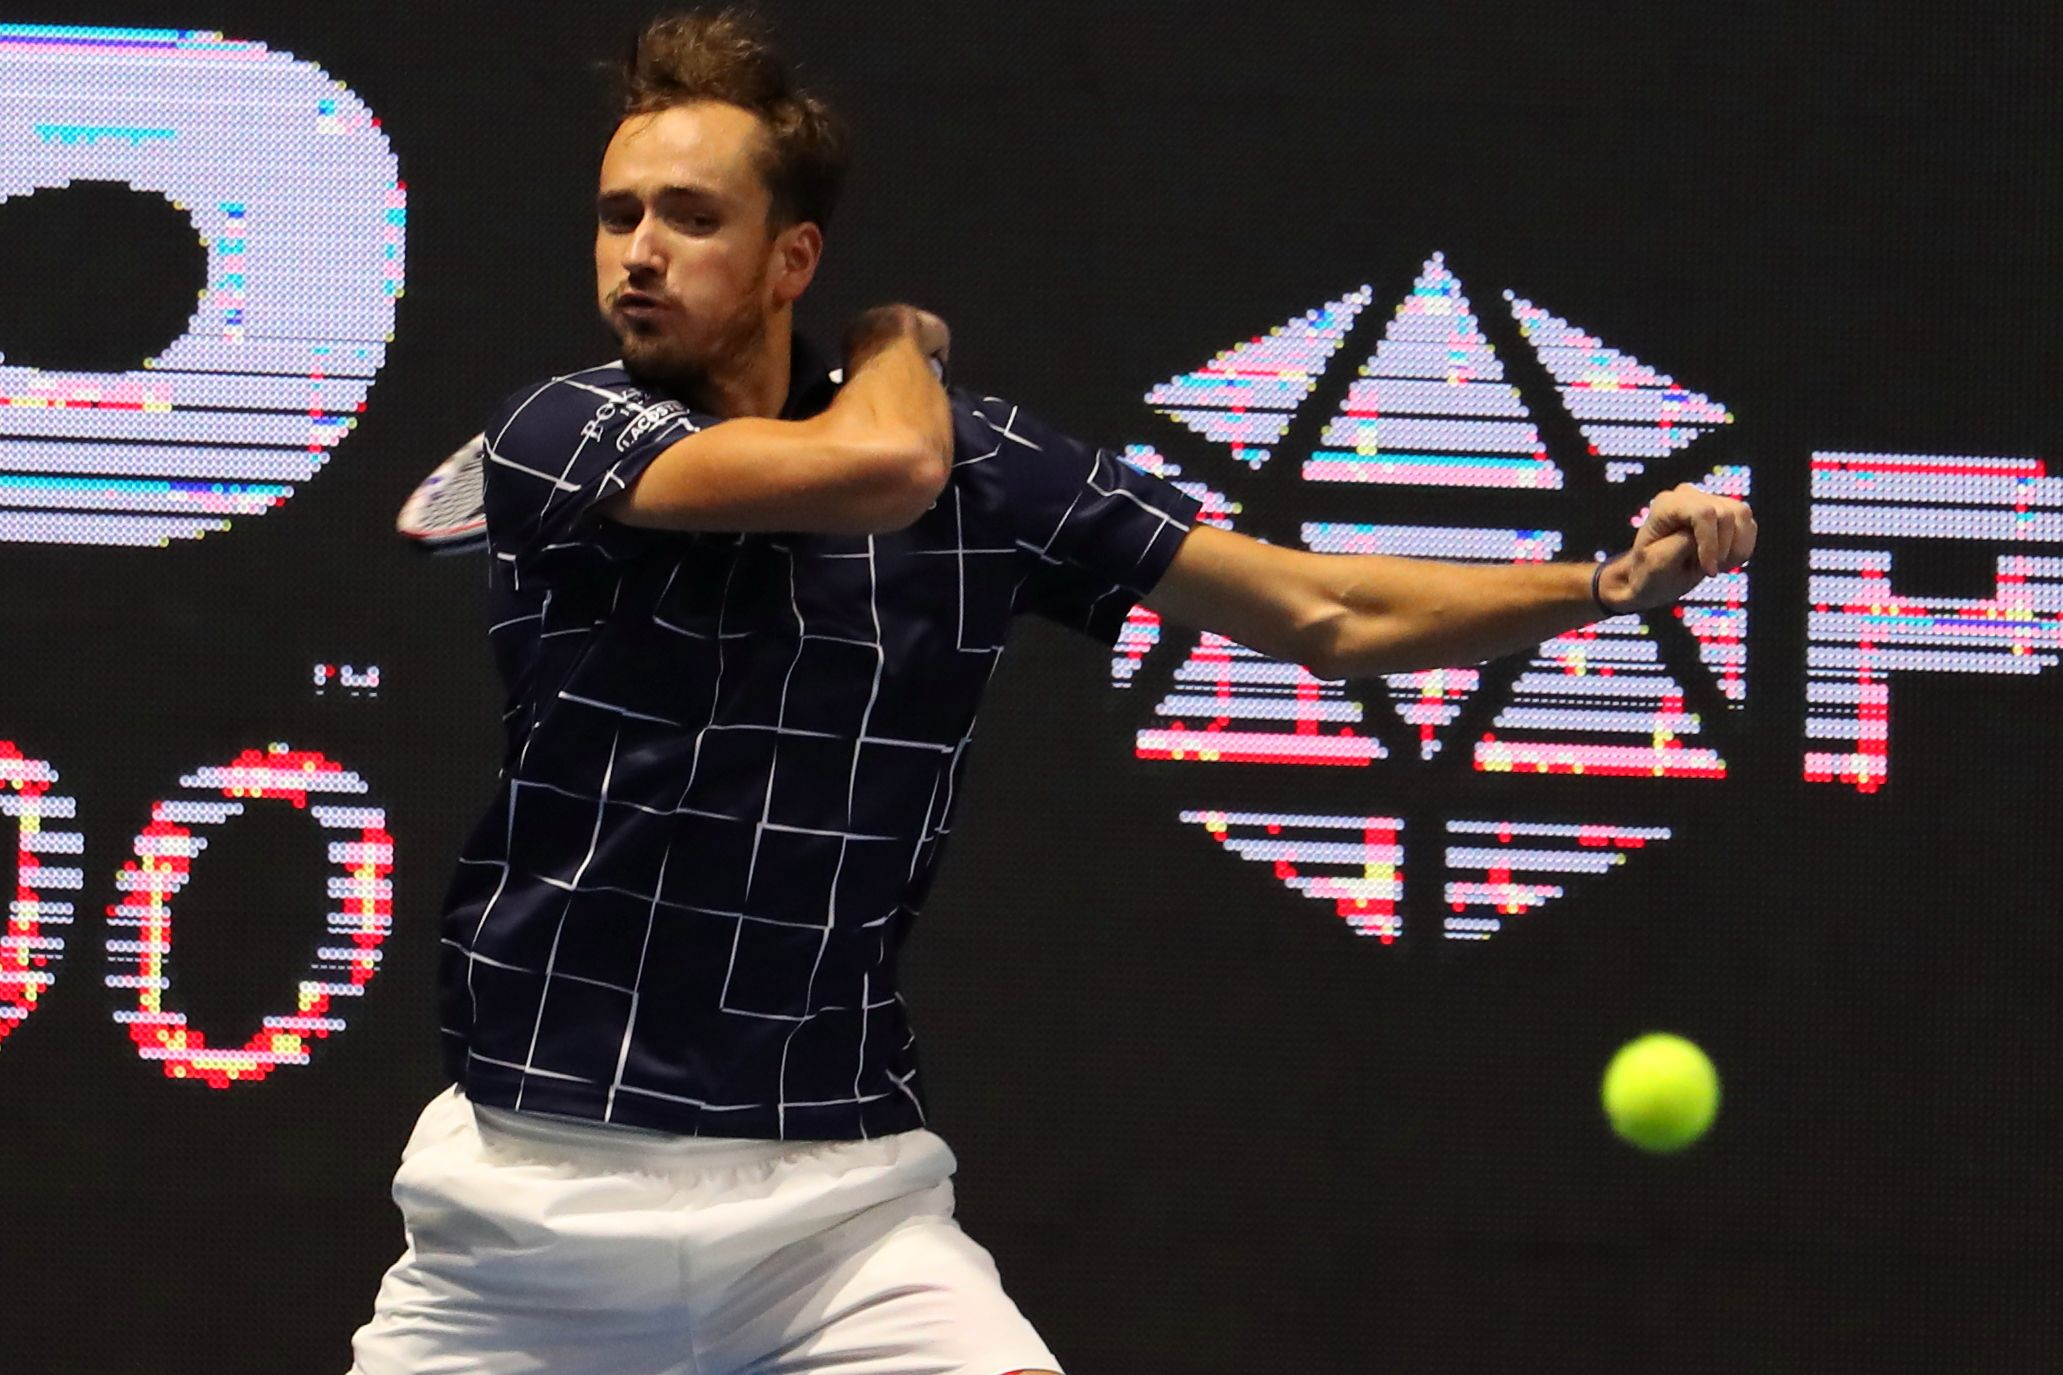 Давыденко: 'Физически Медведев готов побеждать в пятисетовых матчах, но не знаю, хватит ли ему моральных сил'